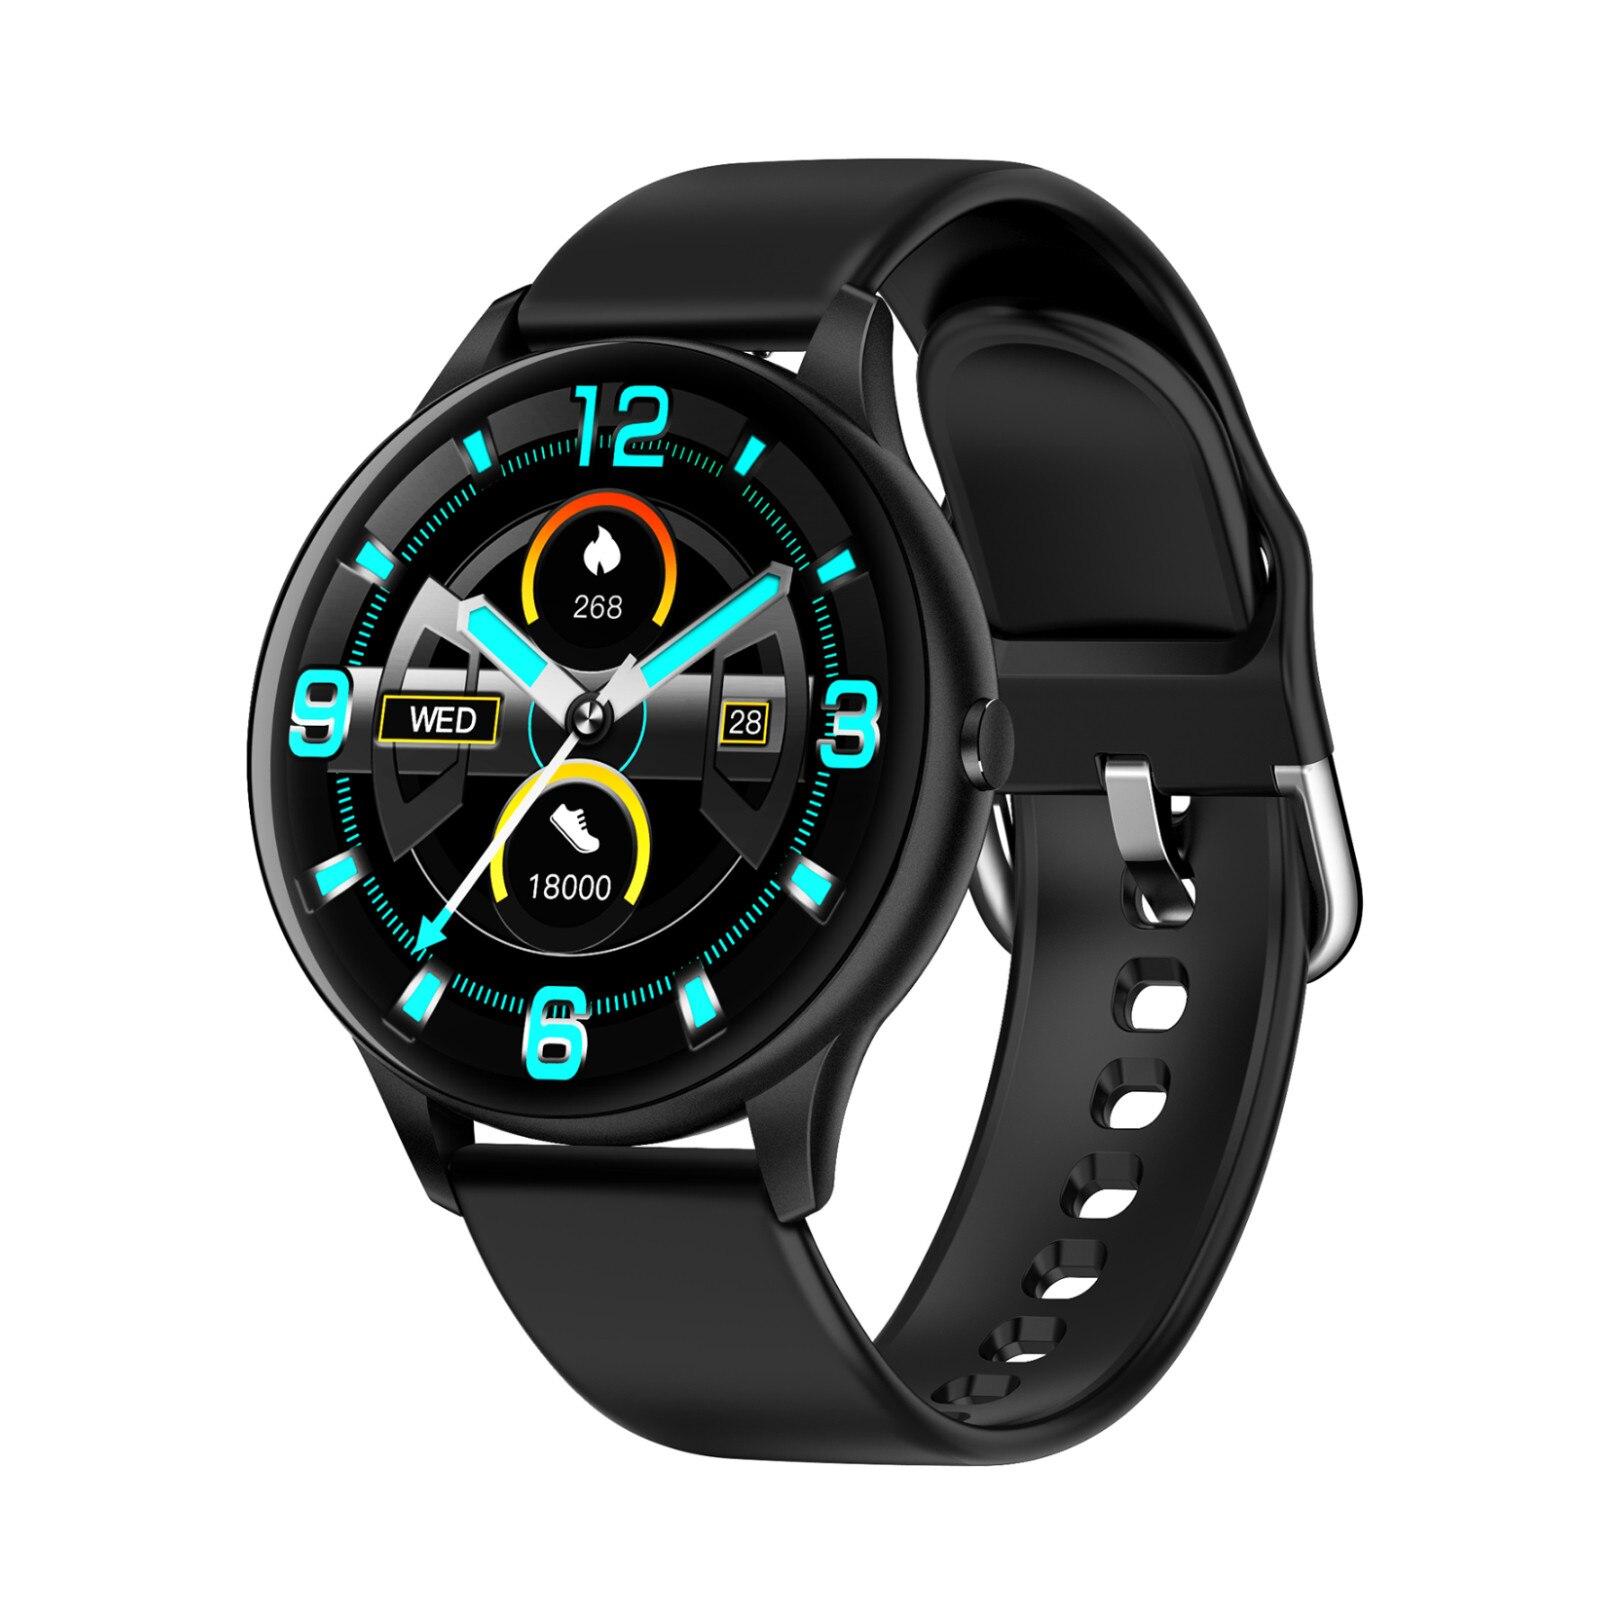 Para vivo x60 pro s9 y31 y51a y72 v20 s7 x50 x51v20 y70s termômetro relógio inteligente rastreador banda monitor de pressão arterial smartwatch